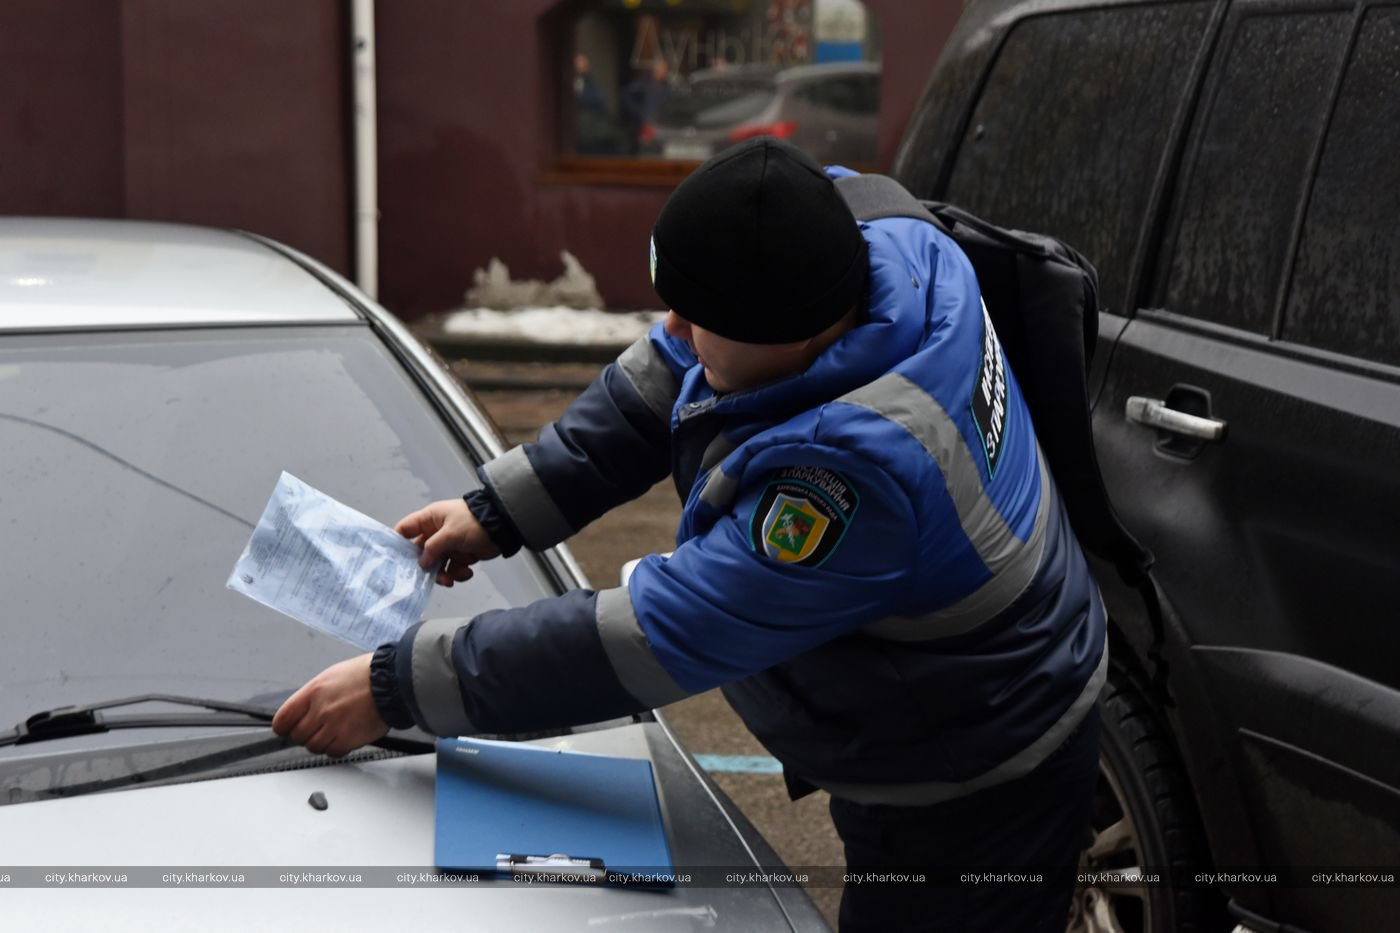 https://gx.net.ua/news_images/1626935171.jpg